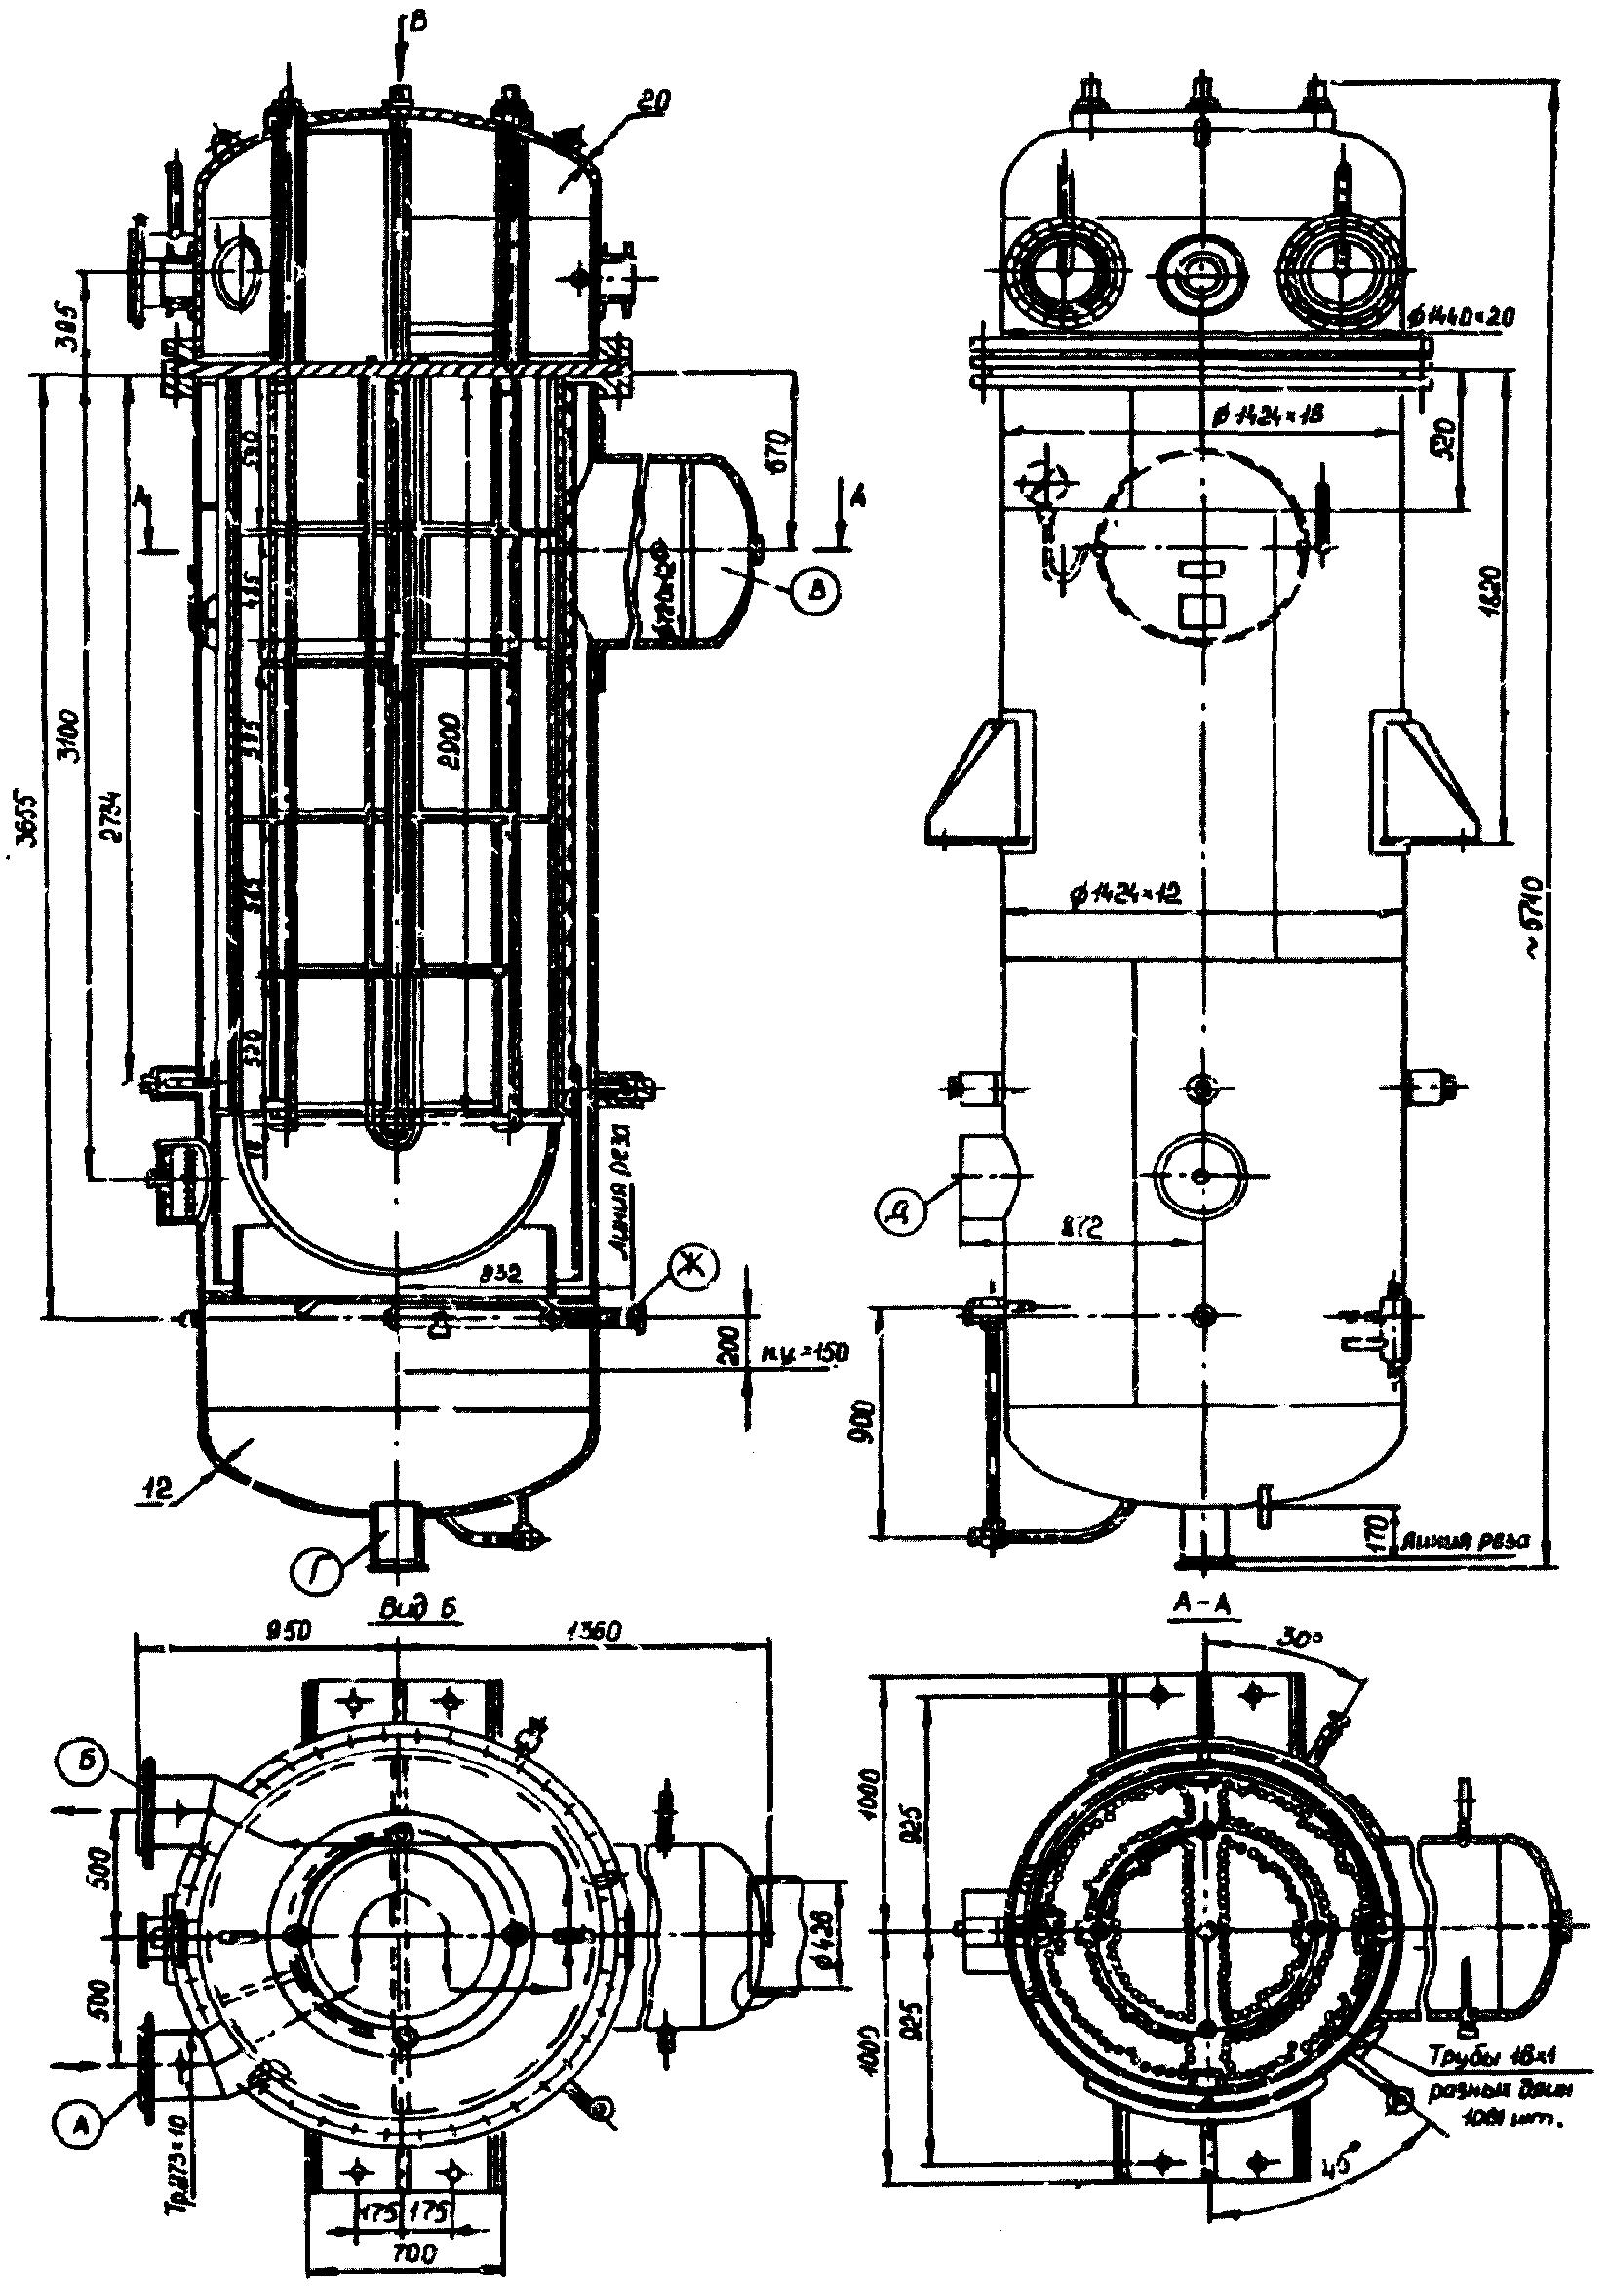 Подогреватель низкого давления ПН 350-16-7 I Гатчина Кожухотрубный испаритель ONDA MPE 230 Озёрск